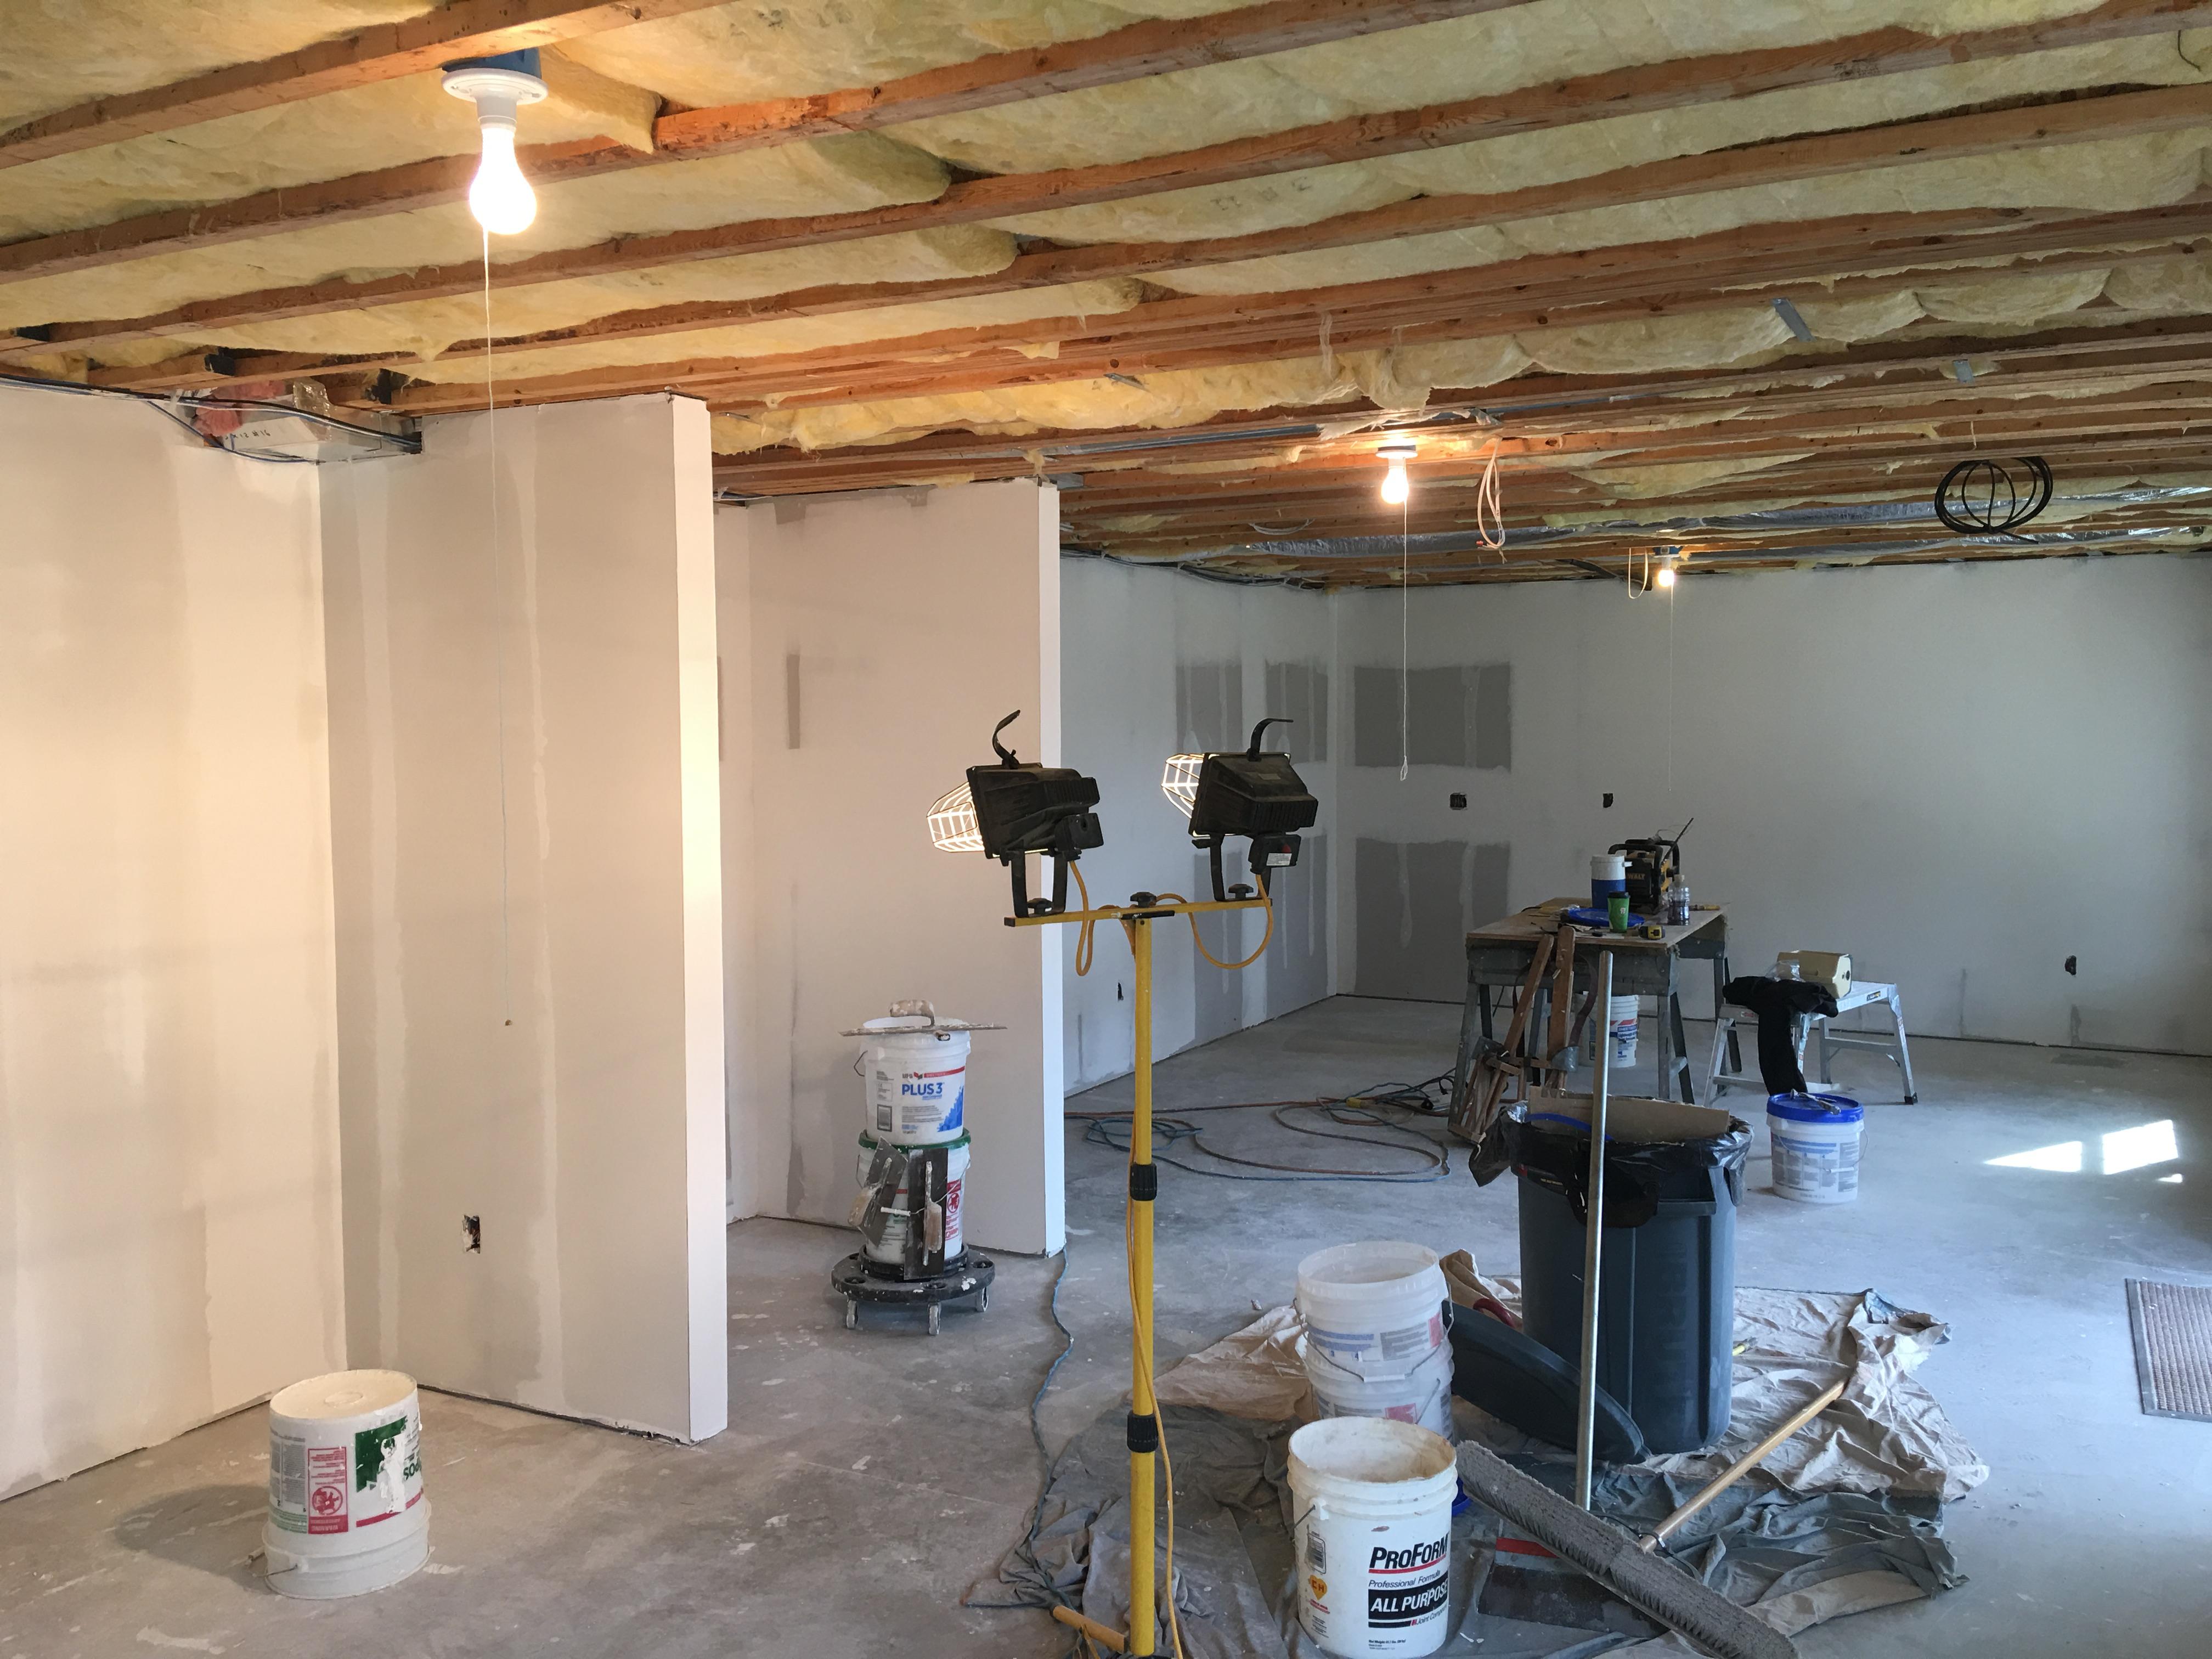 Finish basement skim coat level five-bb2af172-a02e-401c-b83e-5be9d7129acb.jpeg